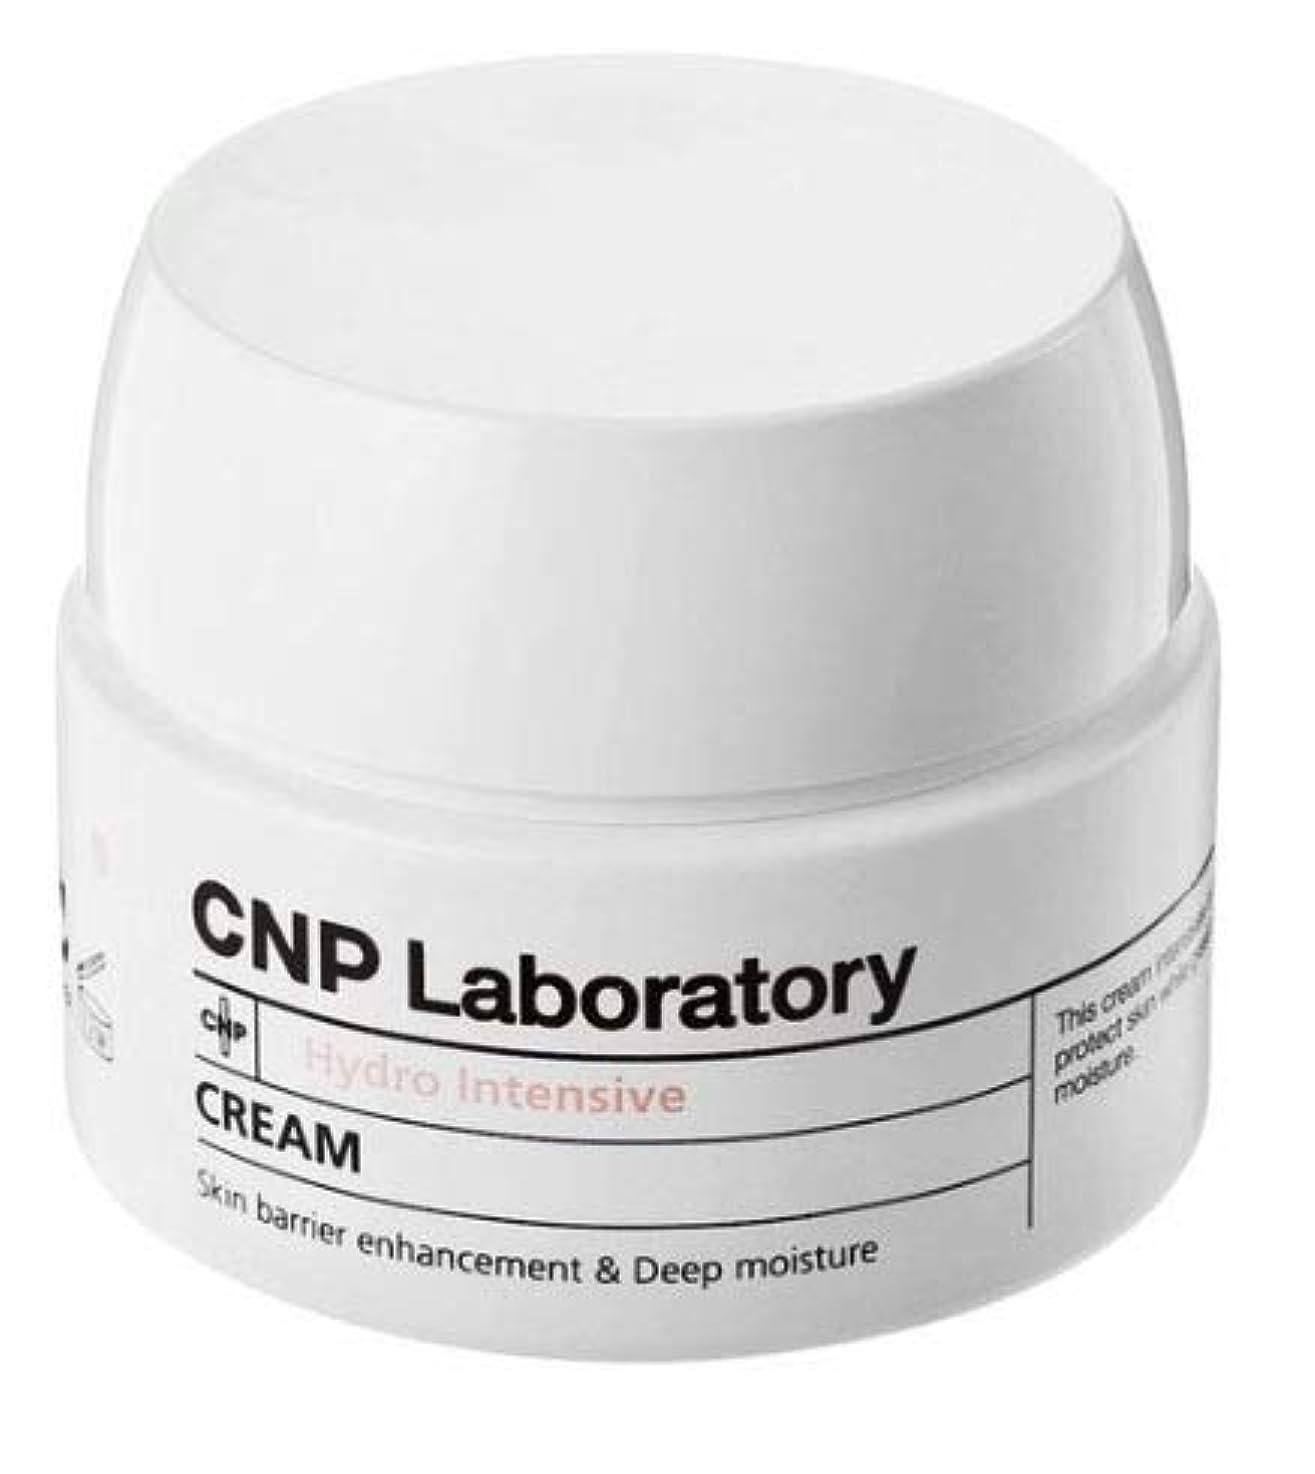 満足仕立て屋オリエンタルCNPハイドロインテンシブクリーム50ml水分クリーム韓国コスメ、CNP Hydro Intensive Cream 50ml Korean Cosmetics [並行輸入品]